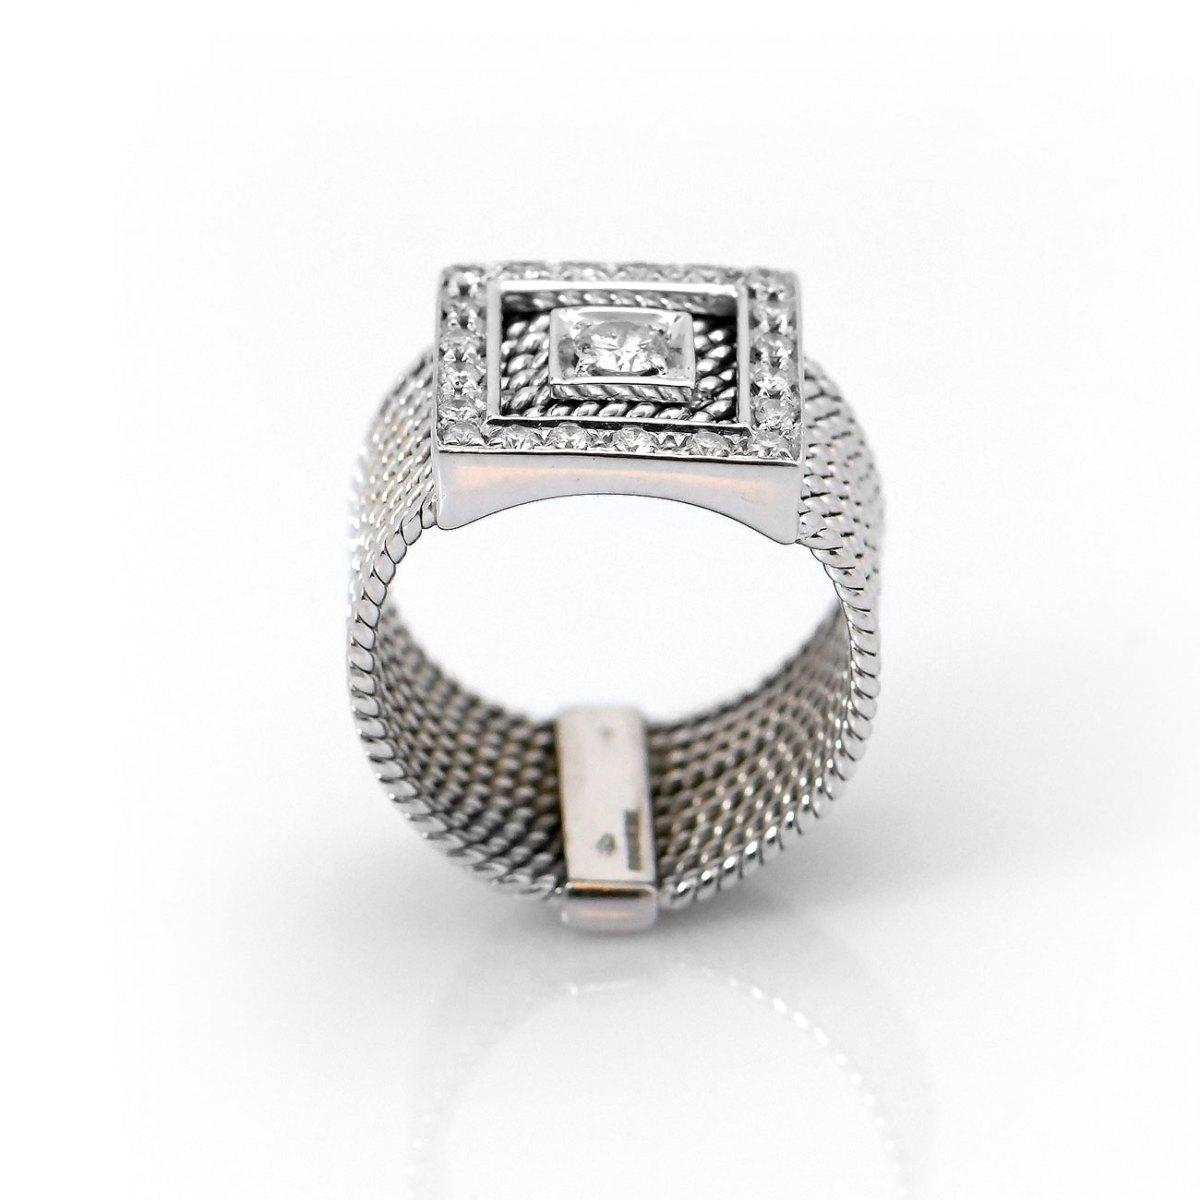 Bague Diamants Carrée 0,50 ct, Or blanc 750 ‰, serti griffes, anneaux torsadés   Référence BA-B17892  EVENOR Joaillerie • Bijoux neuf et Vintage